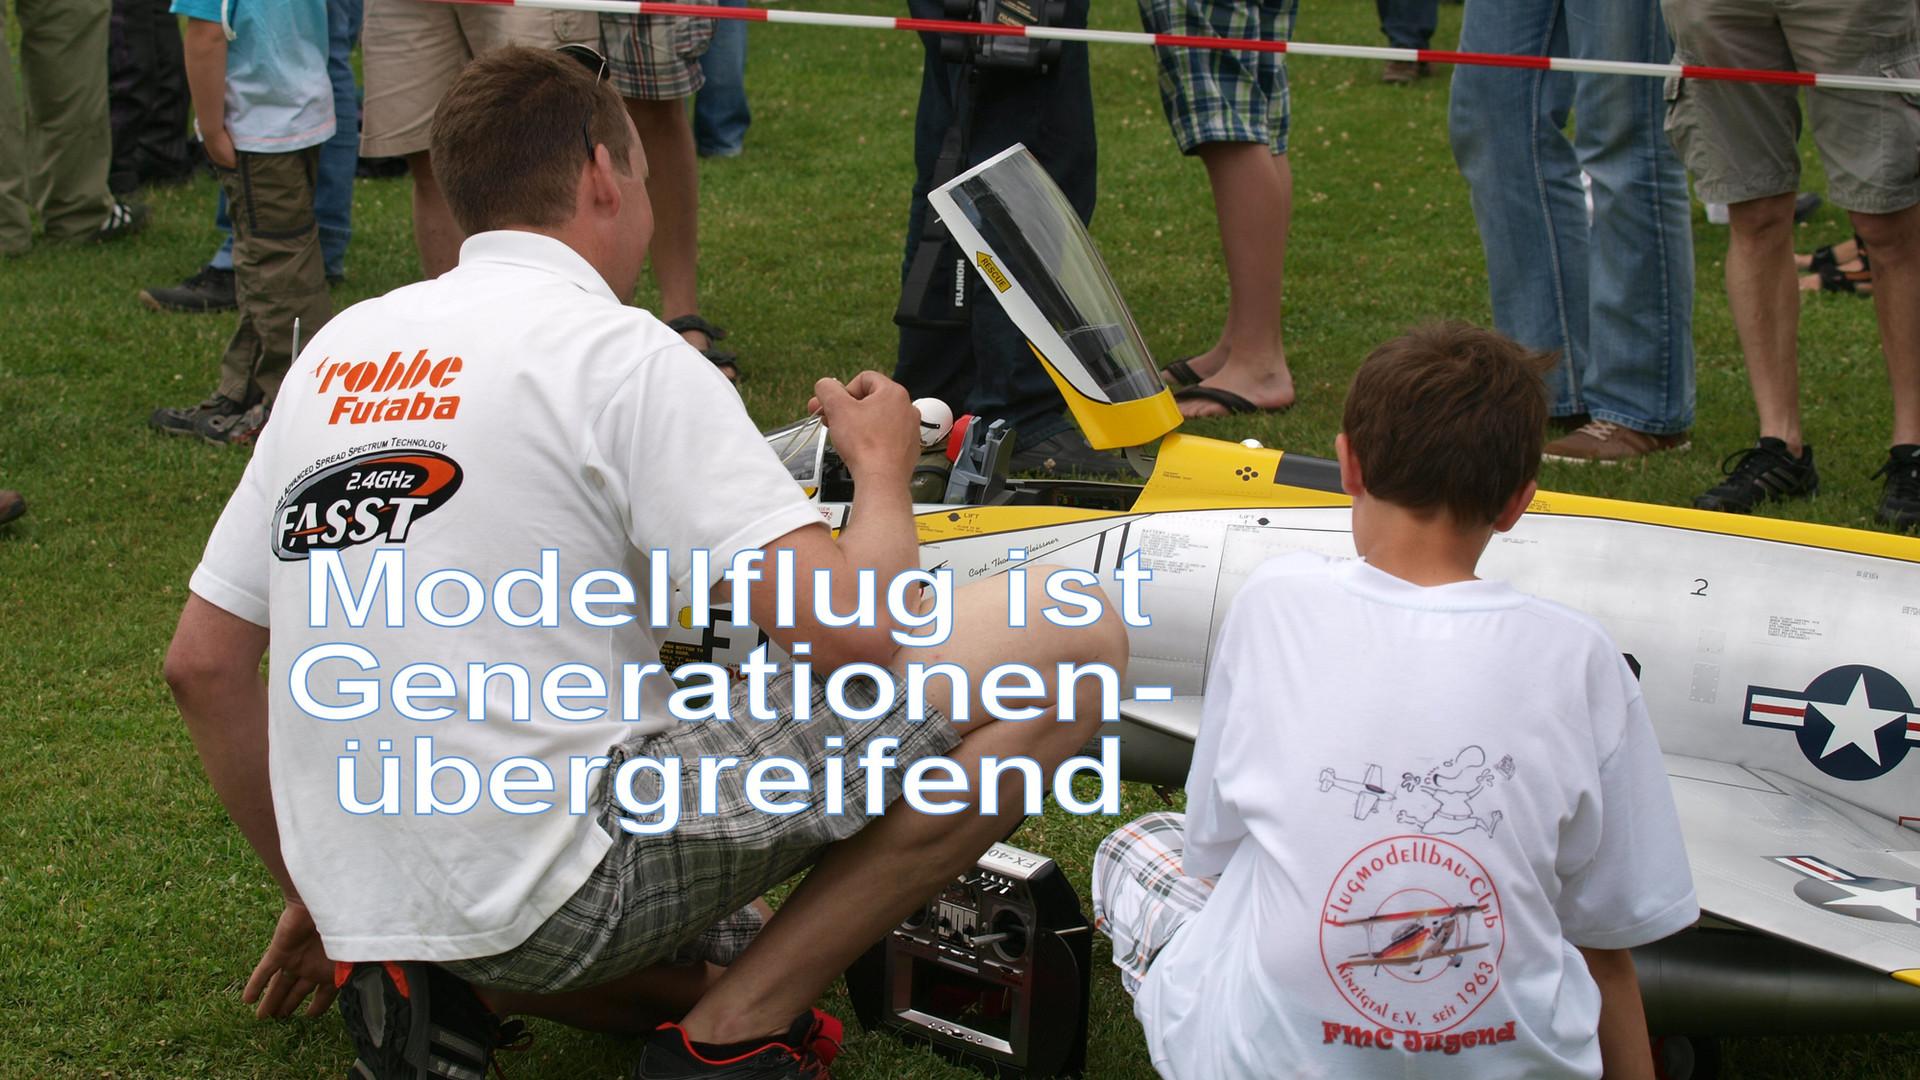 Bild_Generationenübergreifend_6.jpg